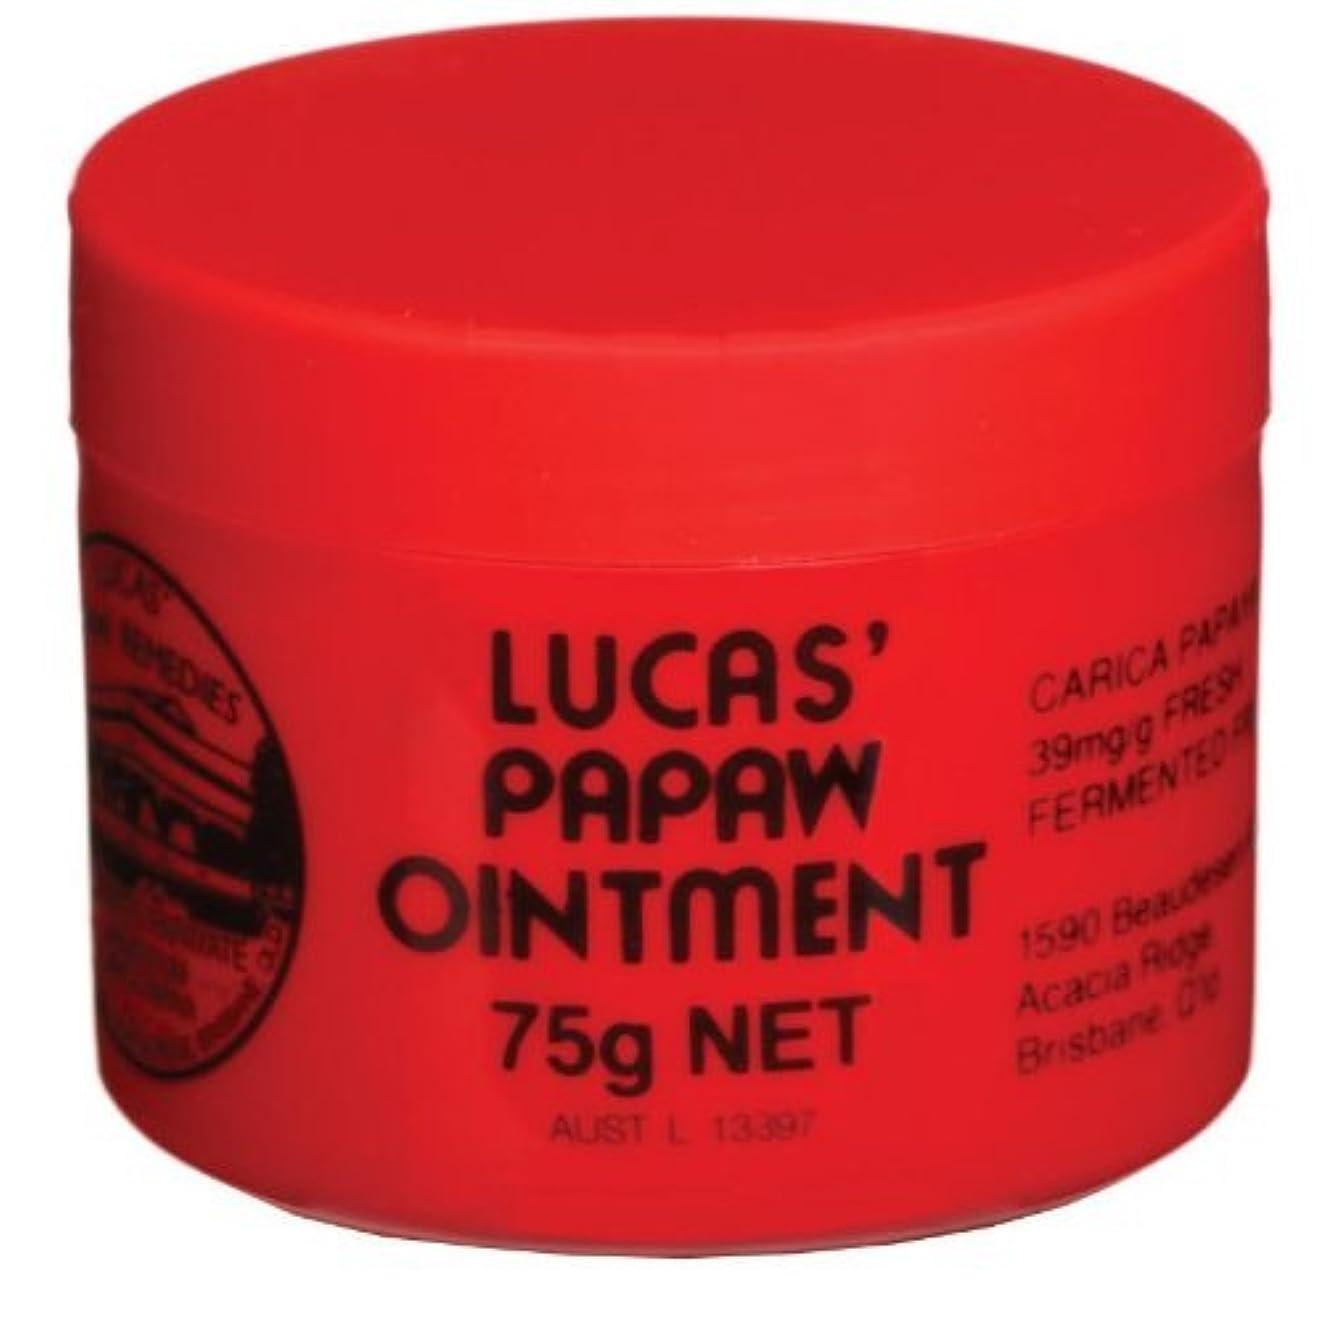 固体額コック[Lucas' Papaw Ointment] ルーカスポーポークリーム 75g